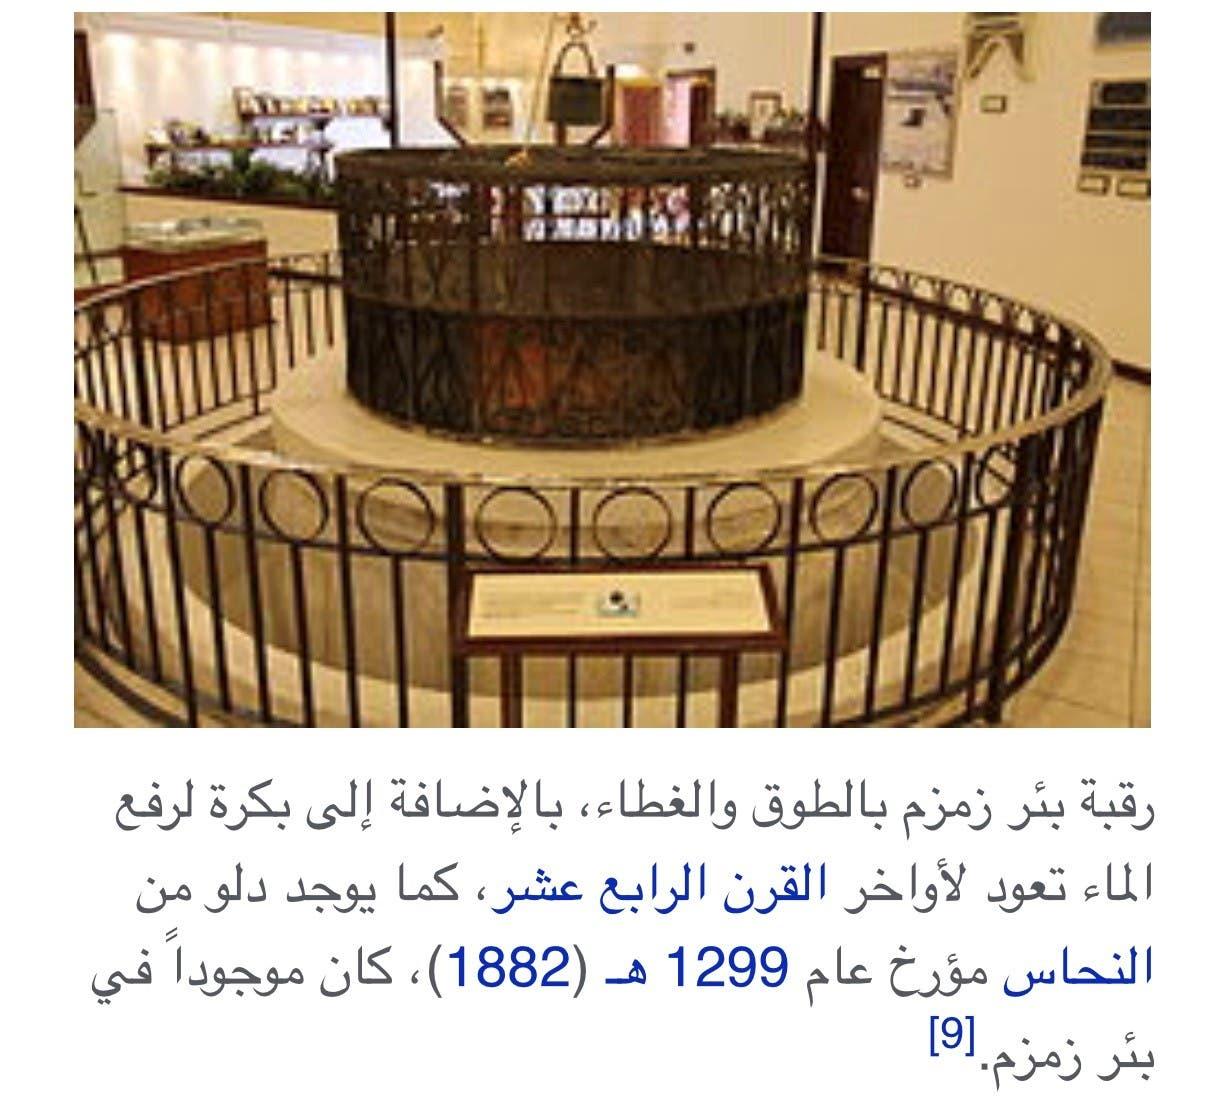 قصة بئر زمزم التي لم تجف ماؤها منذ 5 آلاف عام! D7cb62bd-e03e-477b-b8b8-cce58f94c49d